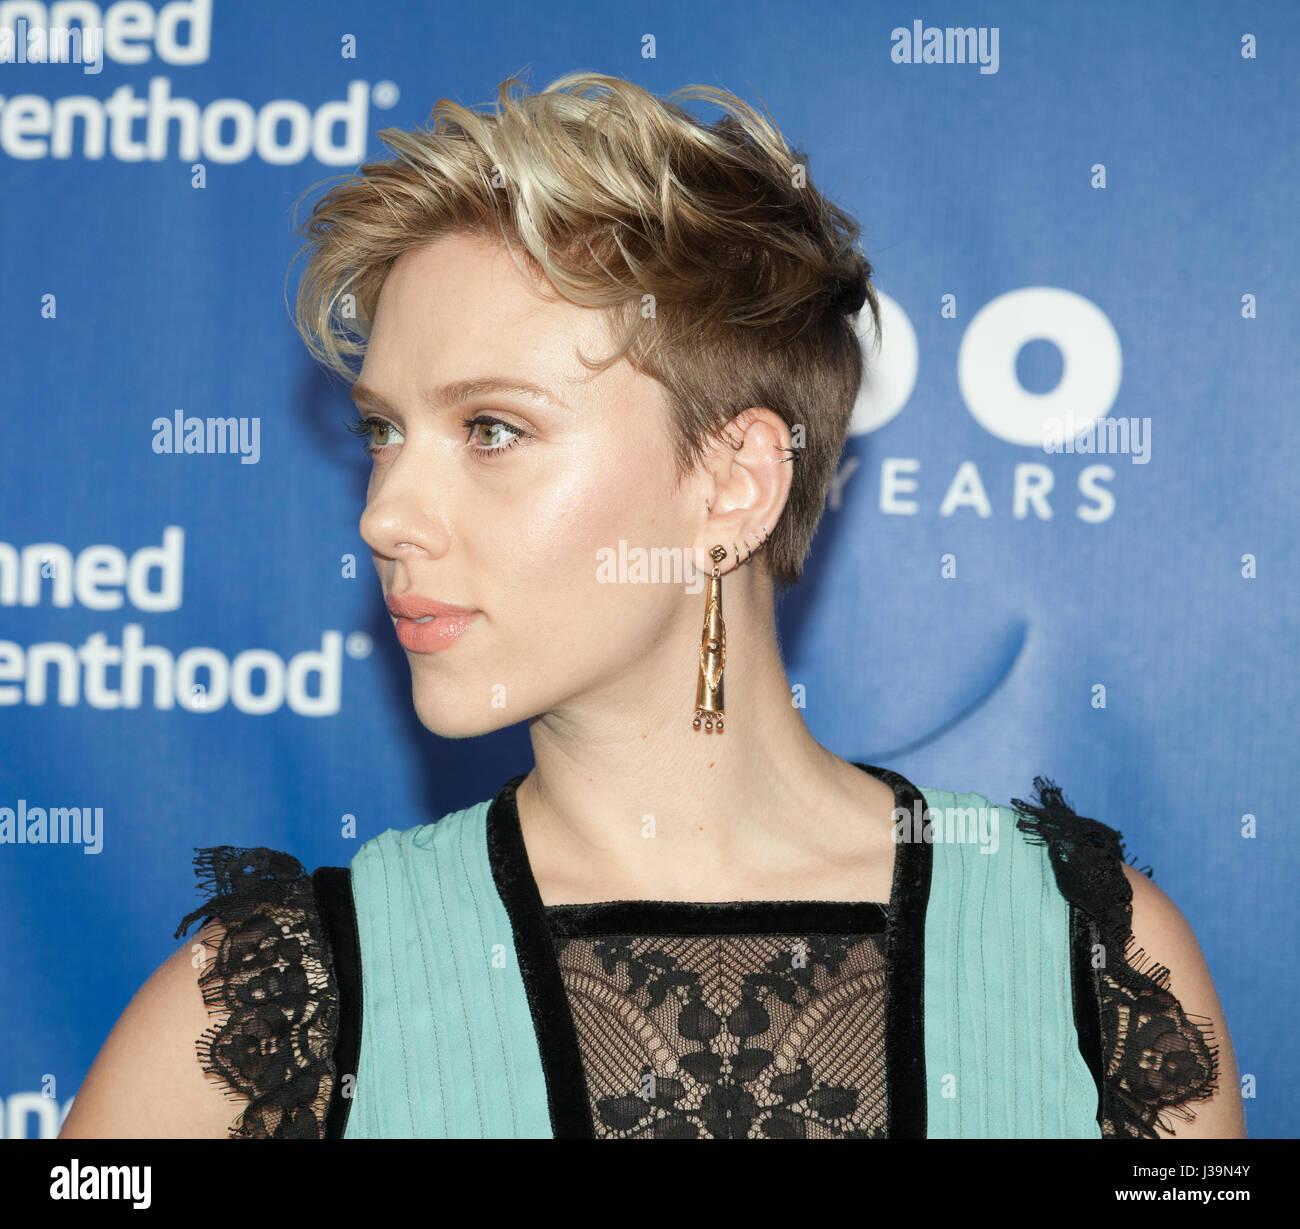 New York, NY, Stati Uniti d'America - 2 Maggio 2017: Scarlett Johansson assiste il Planned Parenthood centenario Immagini Stock